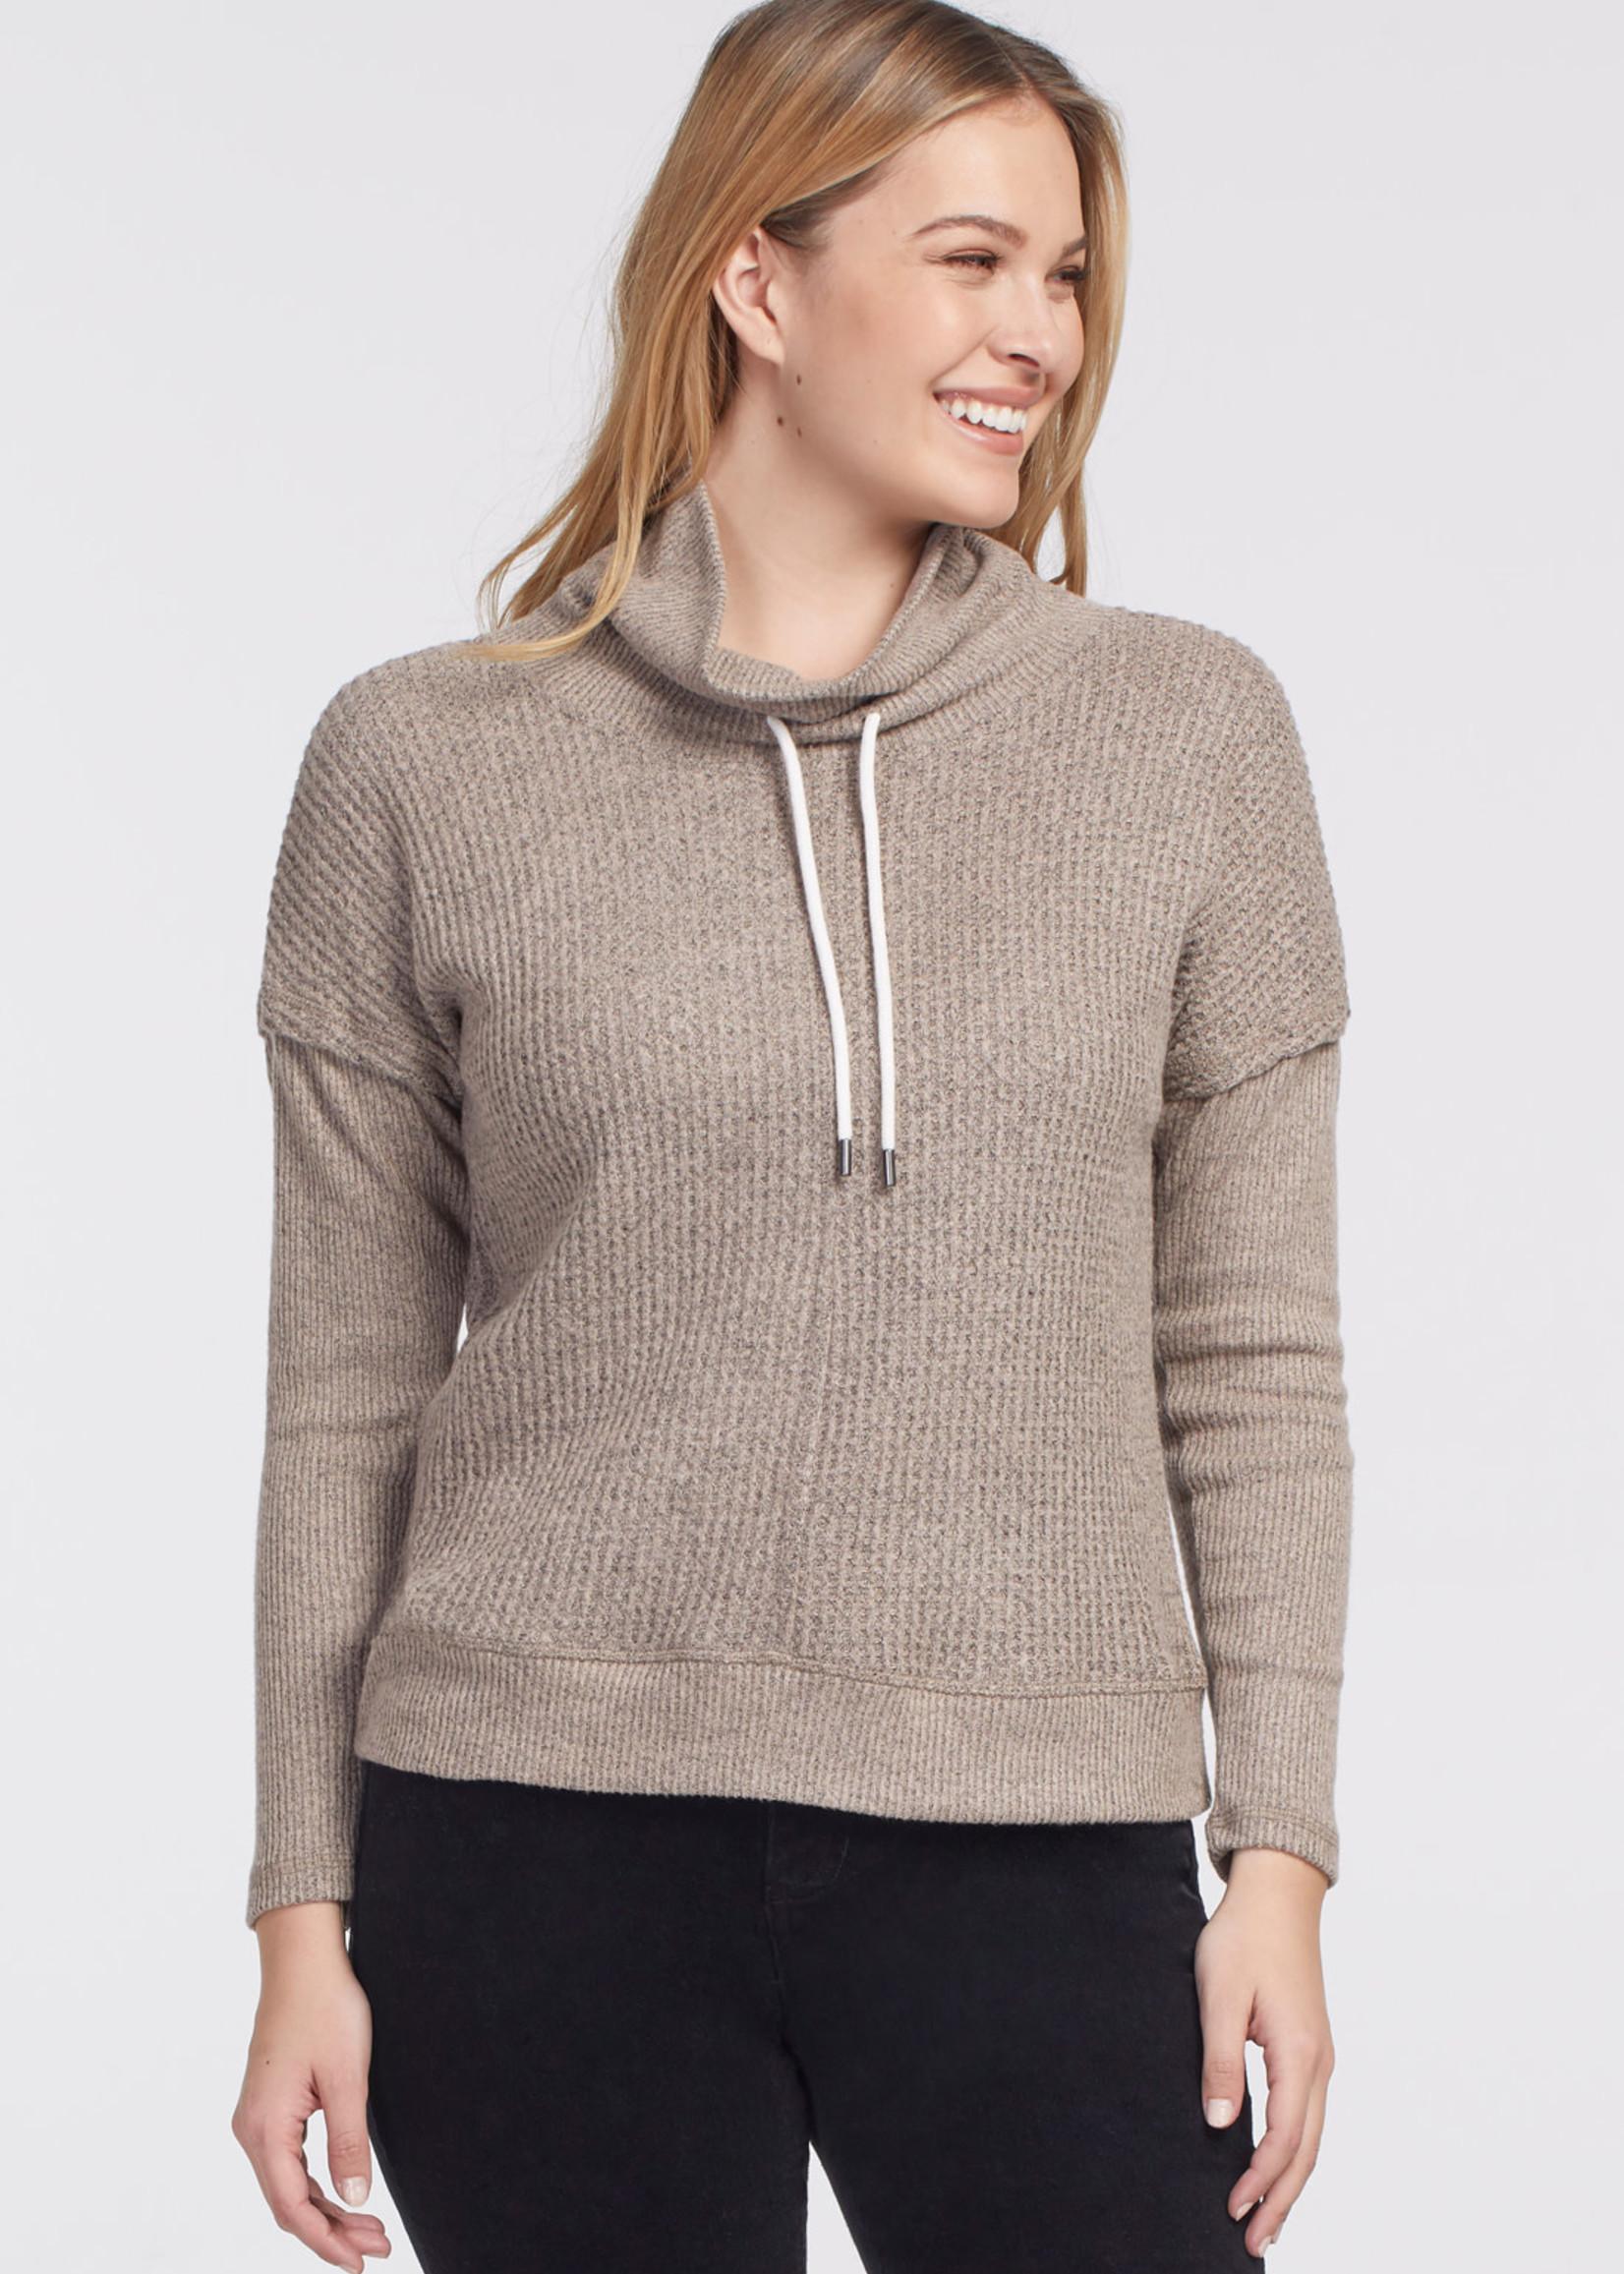 Tribal Tribal  Funnel Neck Sweater w/ Knit Details Oatmeal